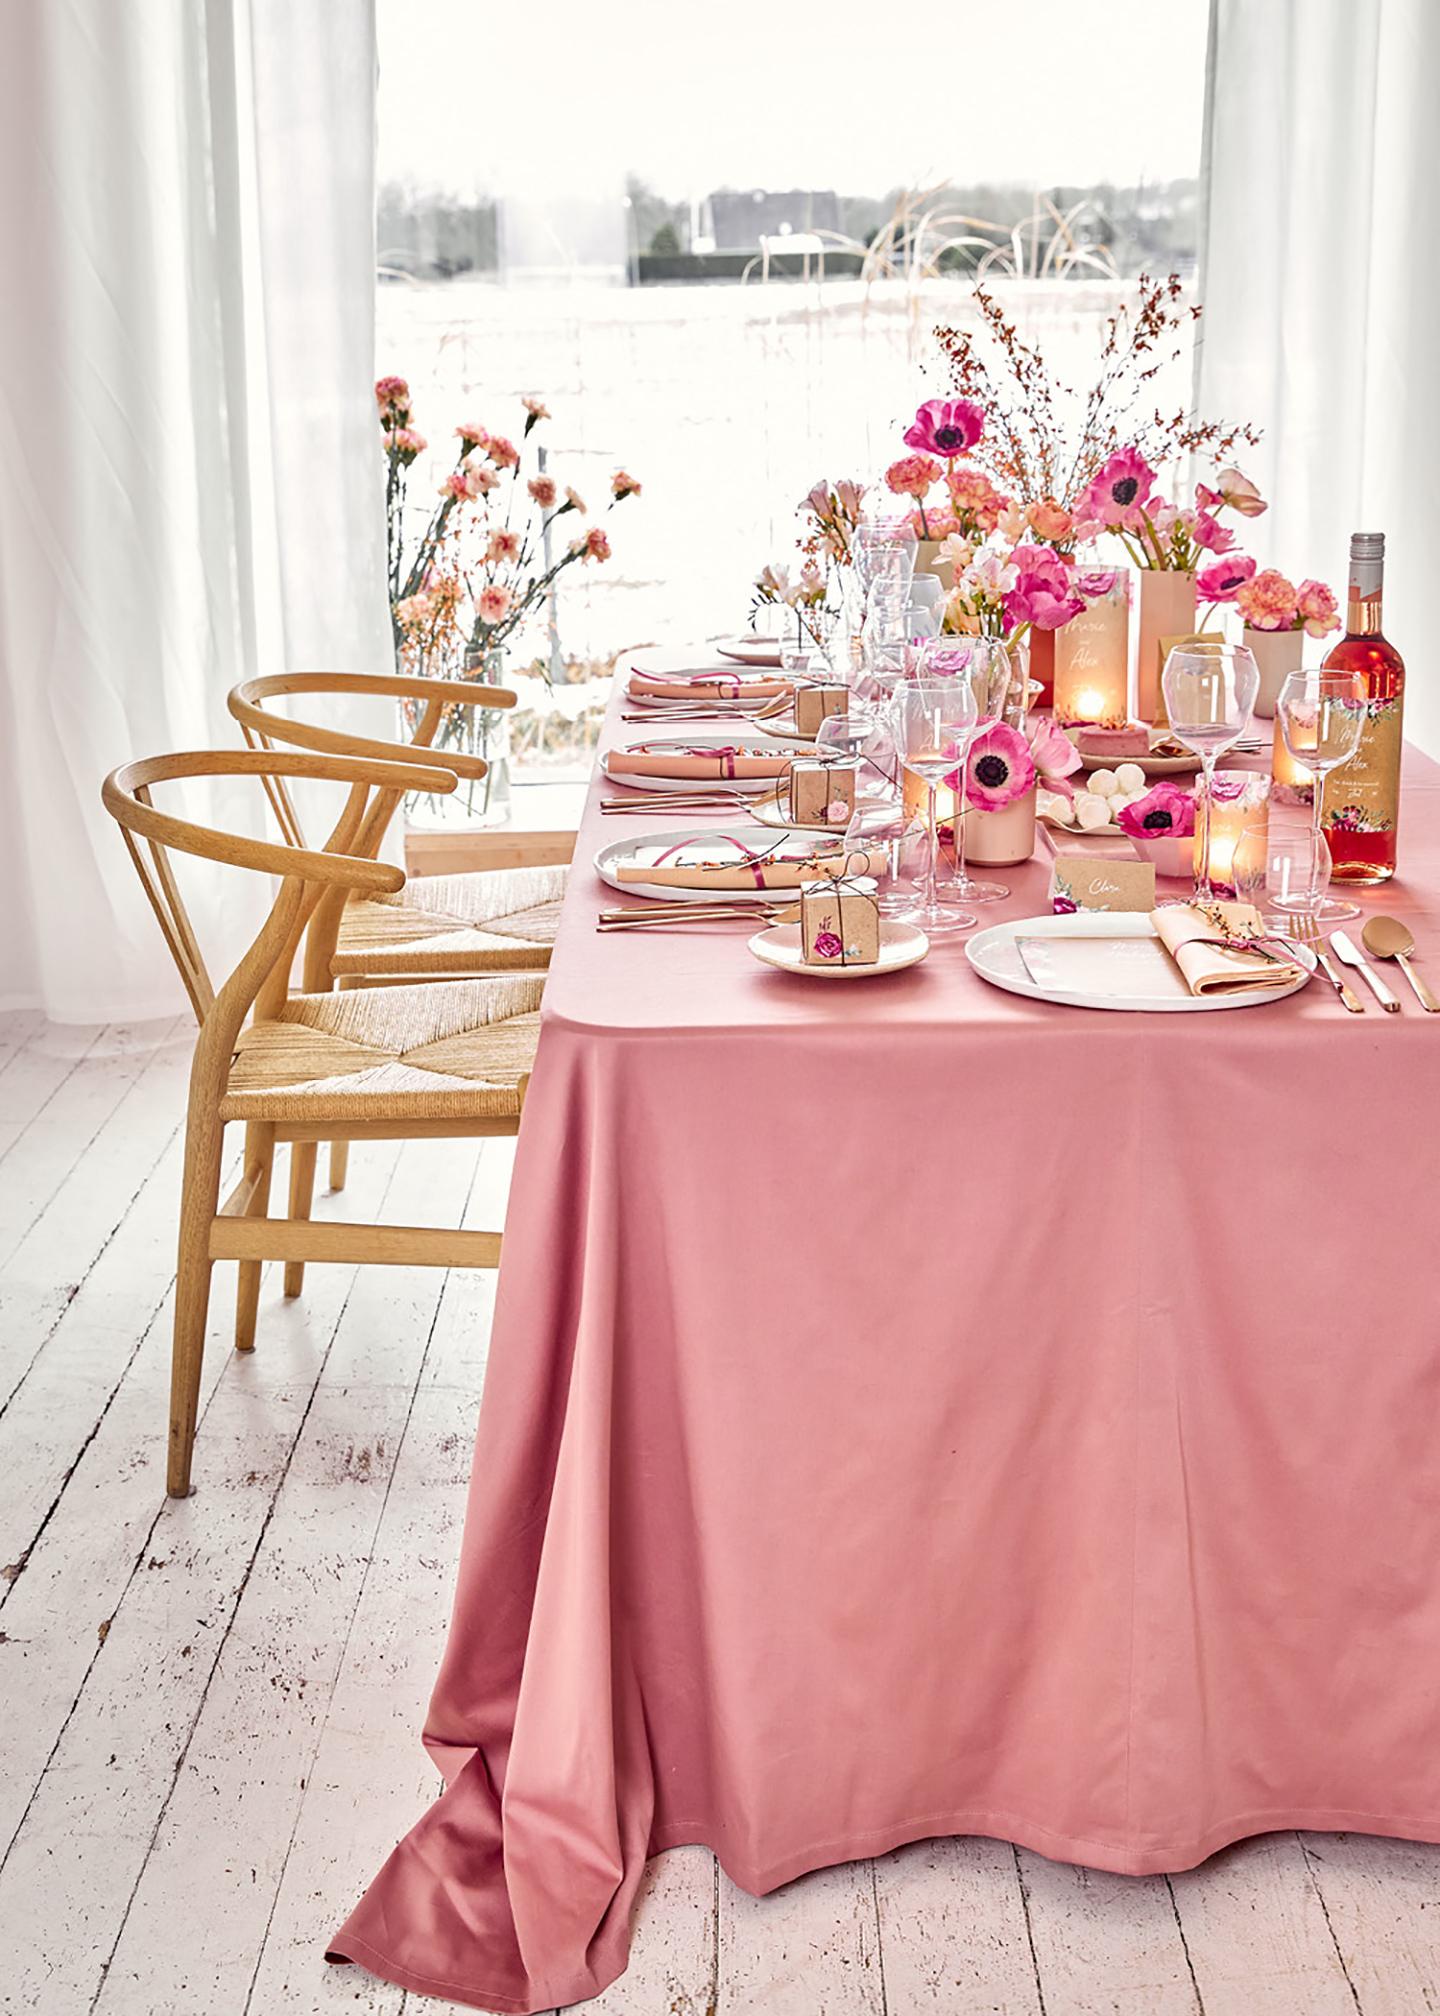 Tischdeko Hochzeit: Hochzeitstisch in vielen Pinktönen, mit geflochtenen hellbraunen Stühlen in einer weißen Vintage-Location.